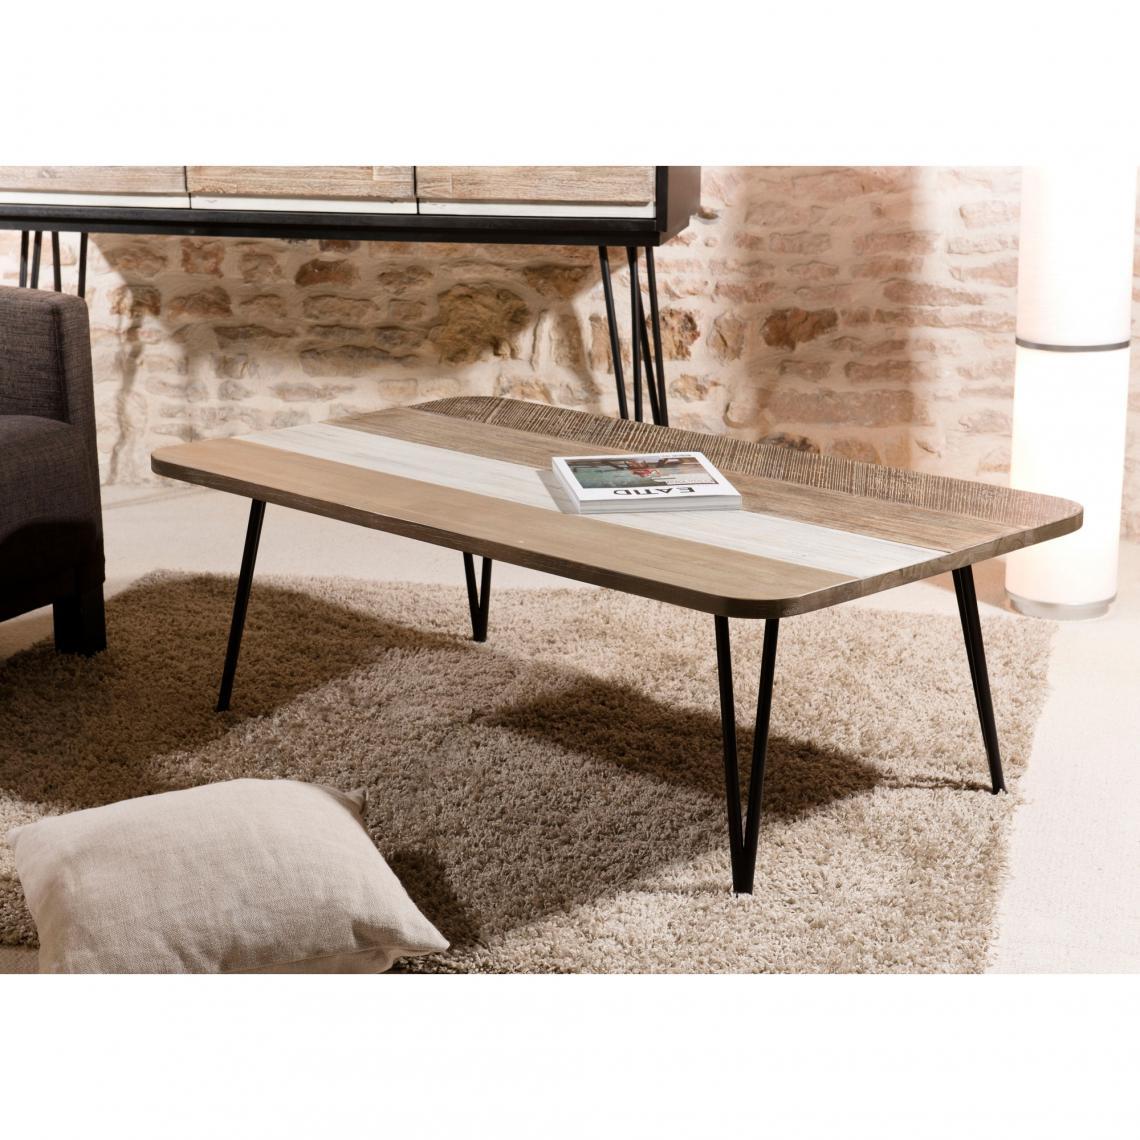 table basse rectangulaire pieds épingle 120 x 70 cm style industriel